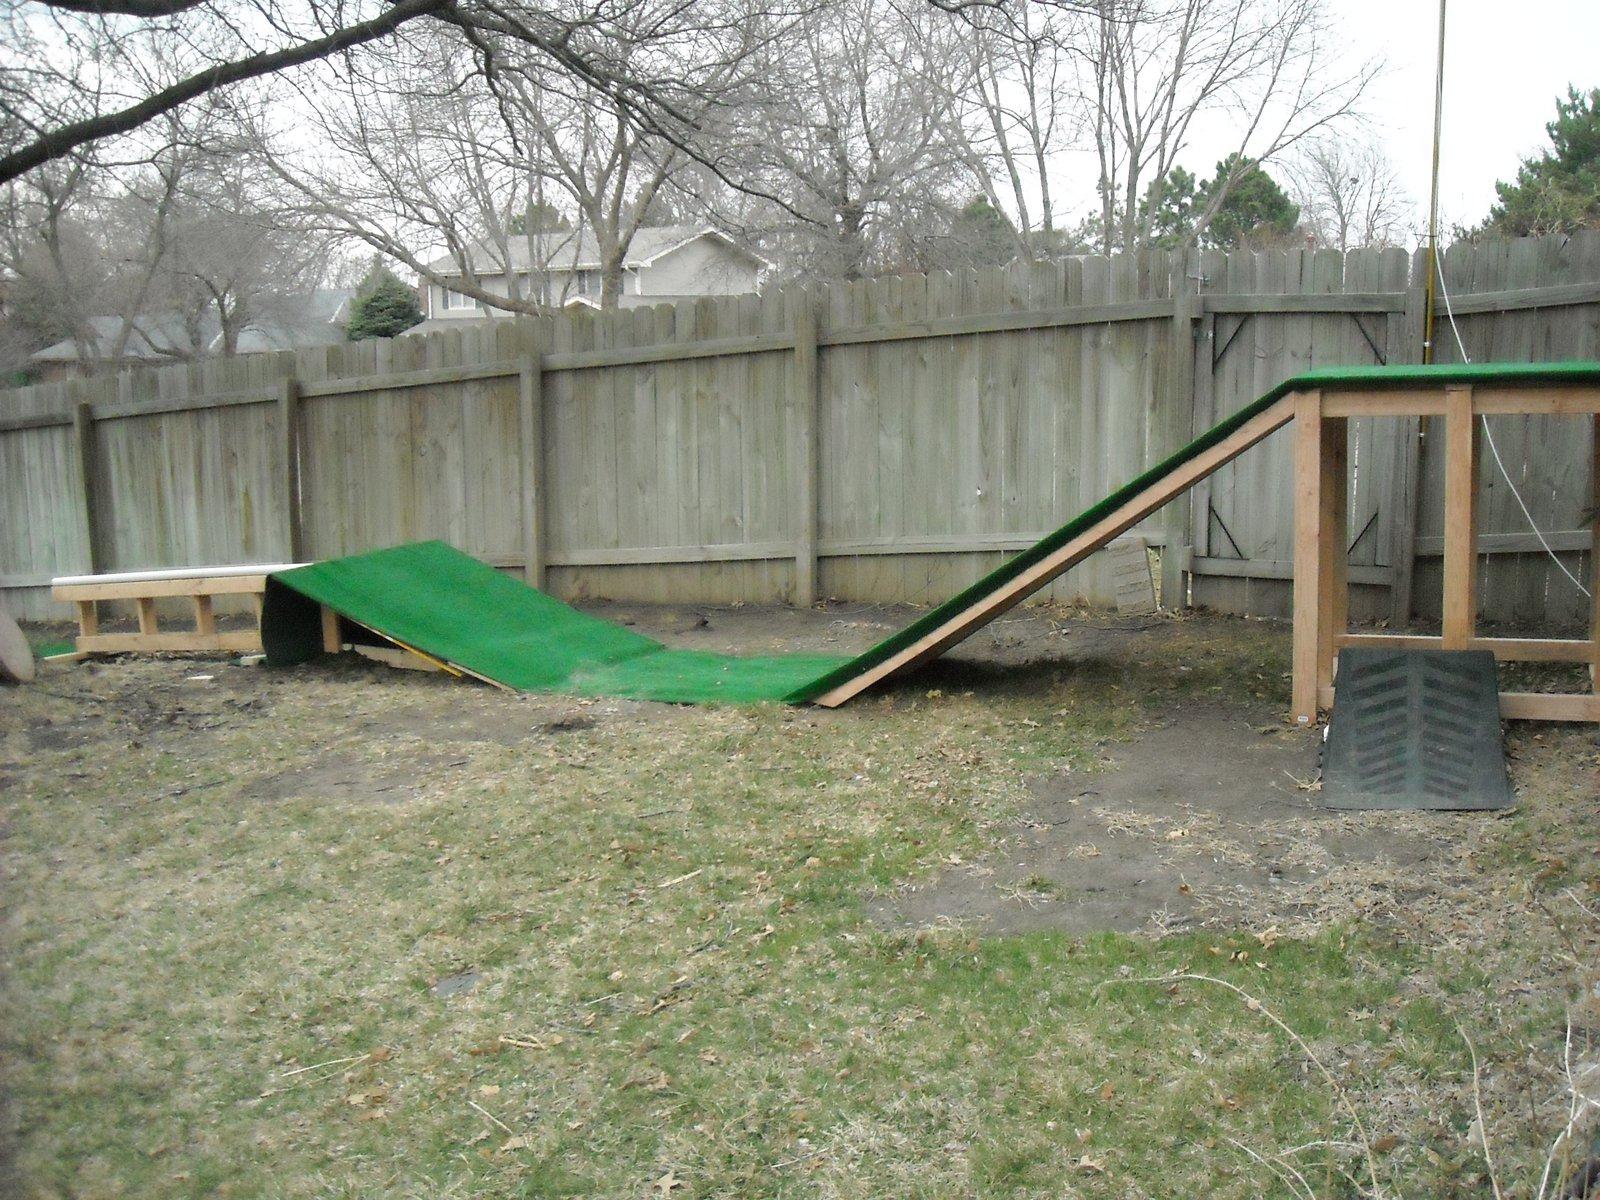 Backyard setup - 1 of 2